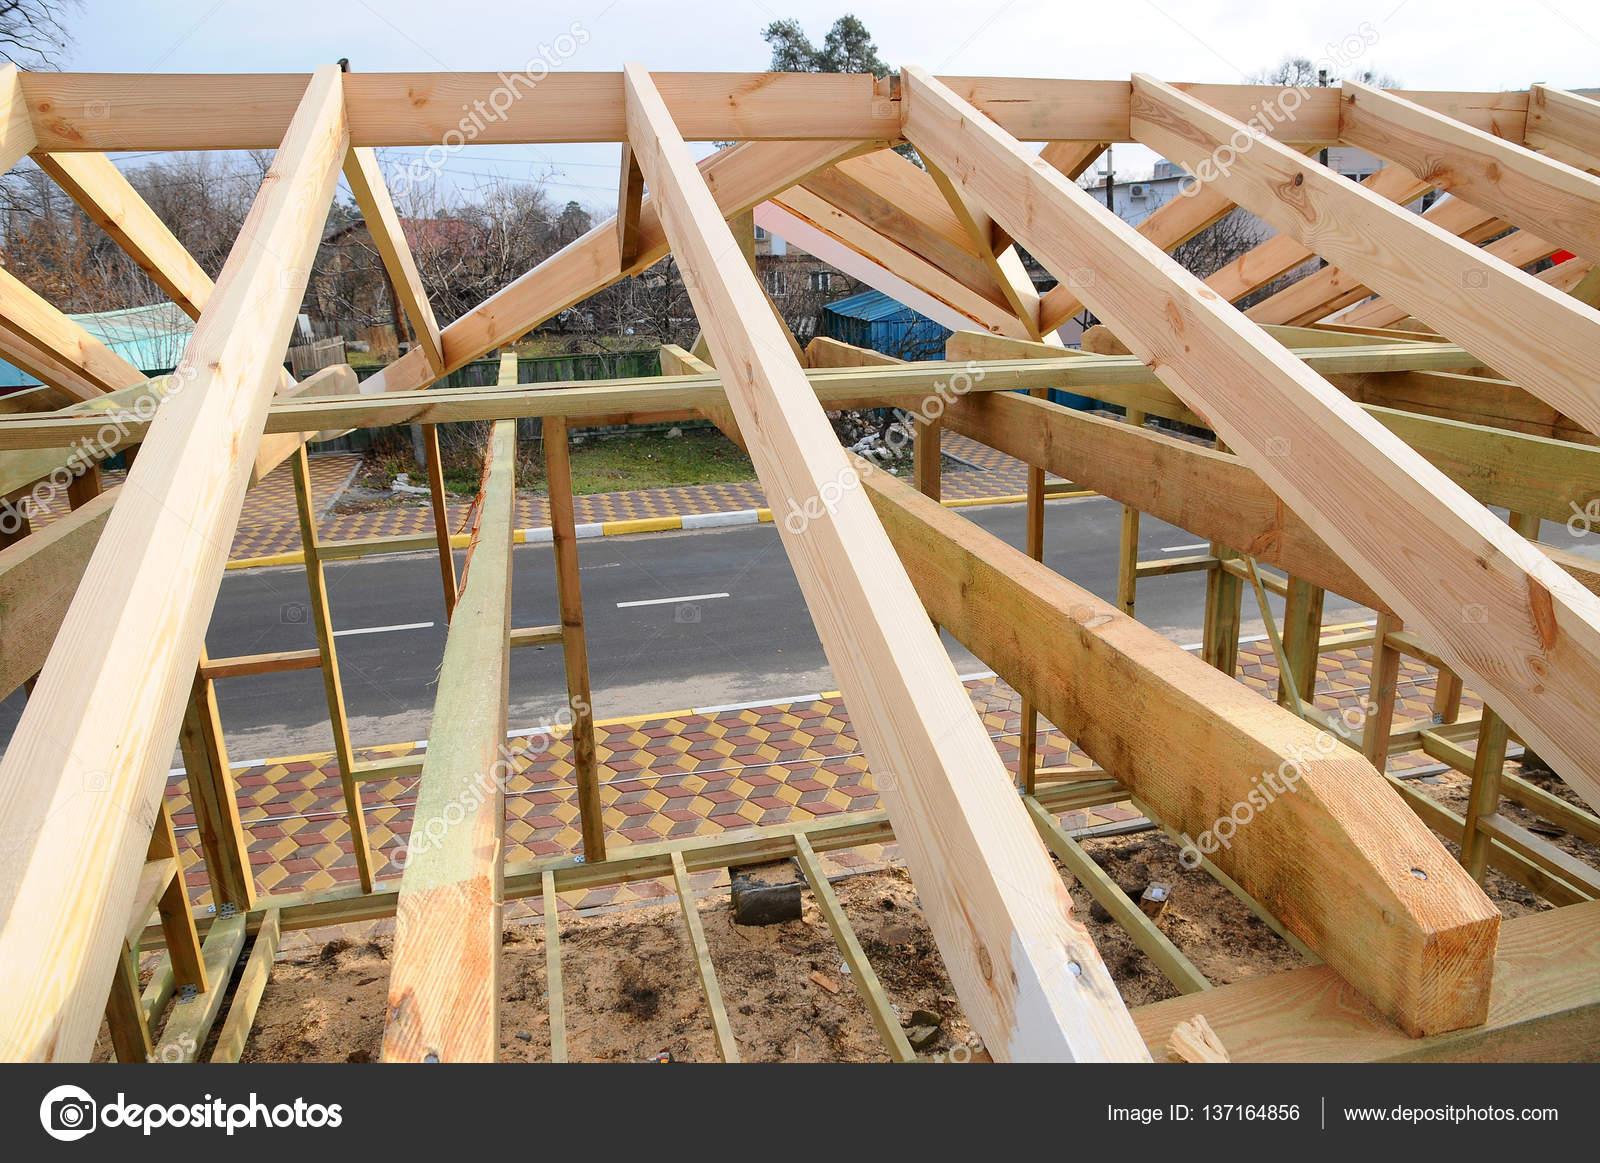 Image of estructuras de madera para techos de casas dise o - Estructura tejado madera ...